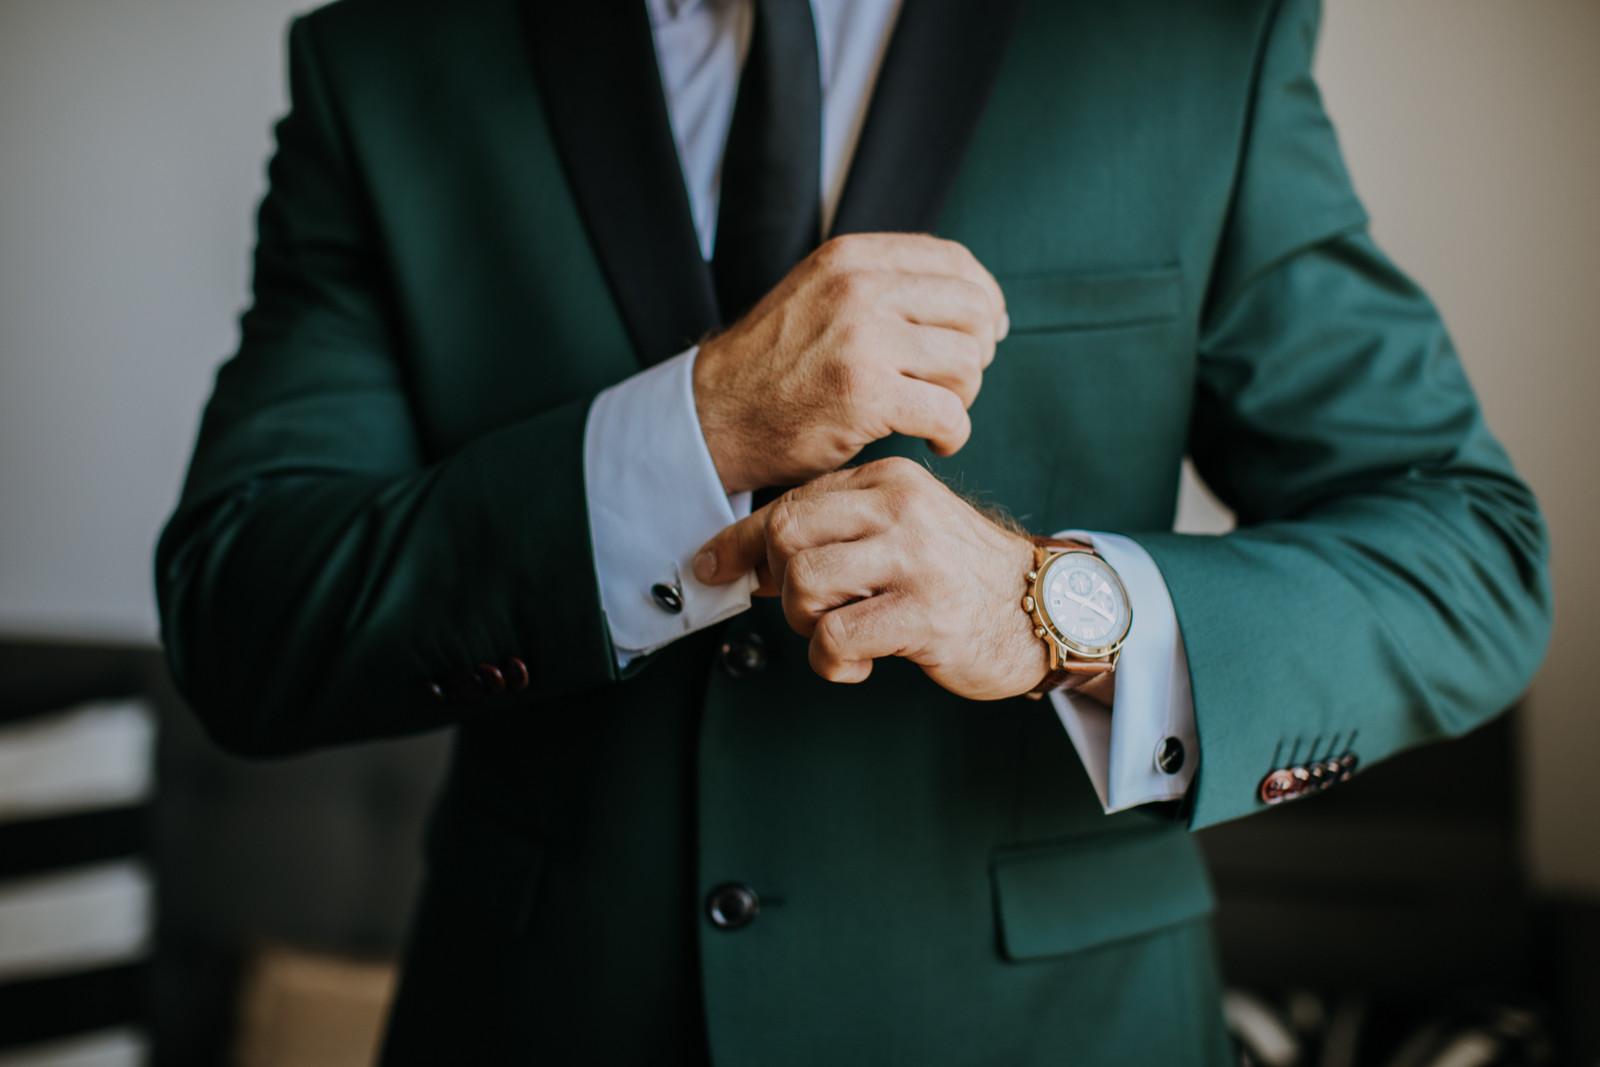 przygotowania ślubne, reportaż ślubny, fotograf ślubny warszawa